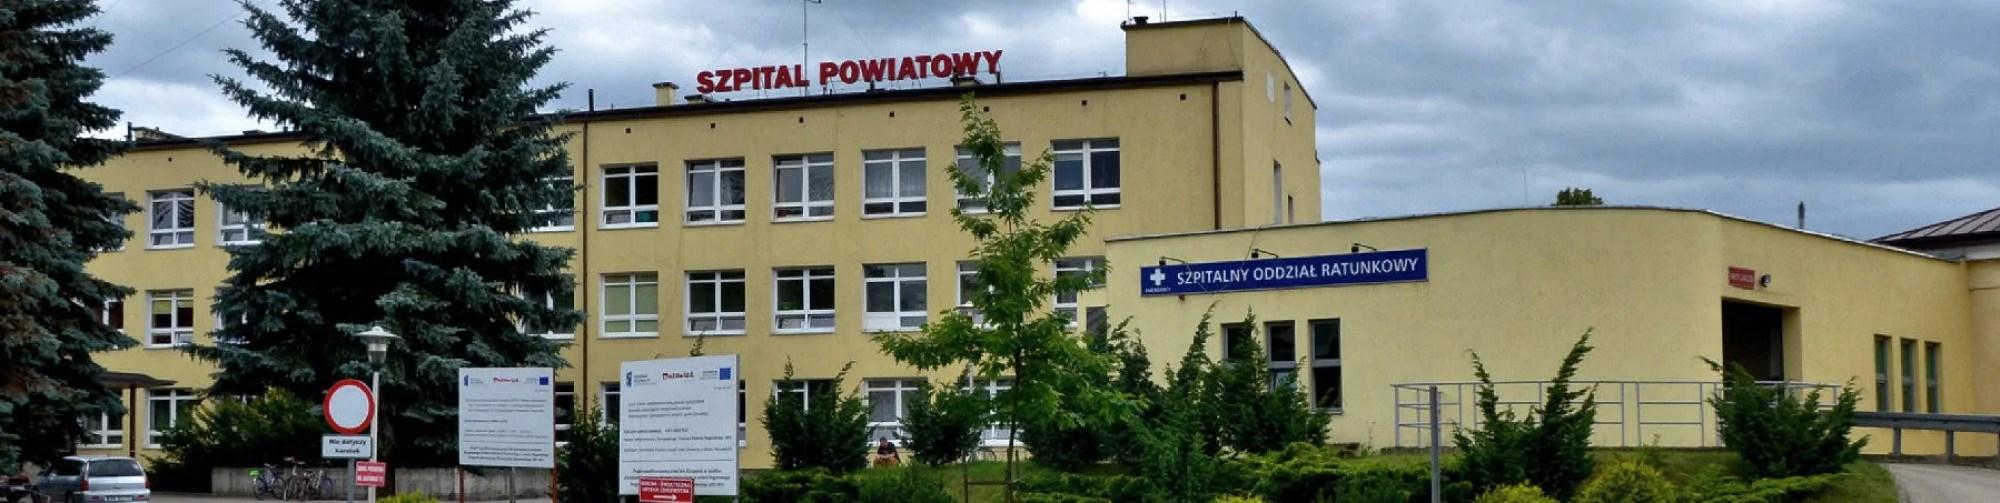 Szpital Powiatowy